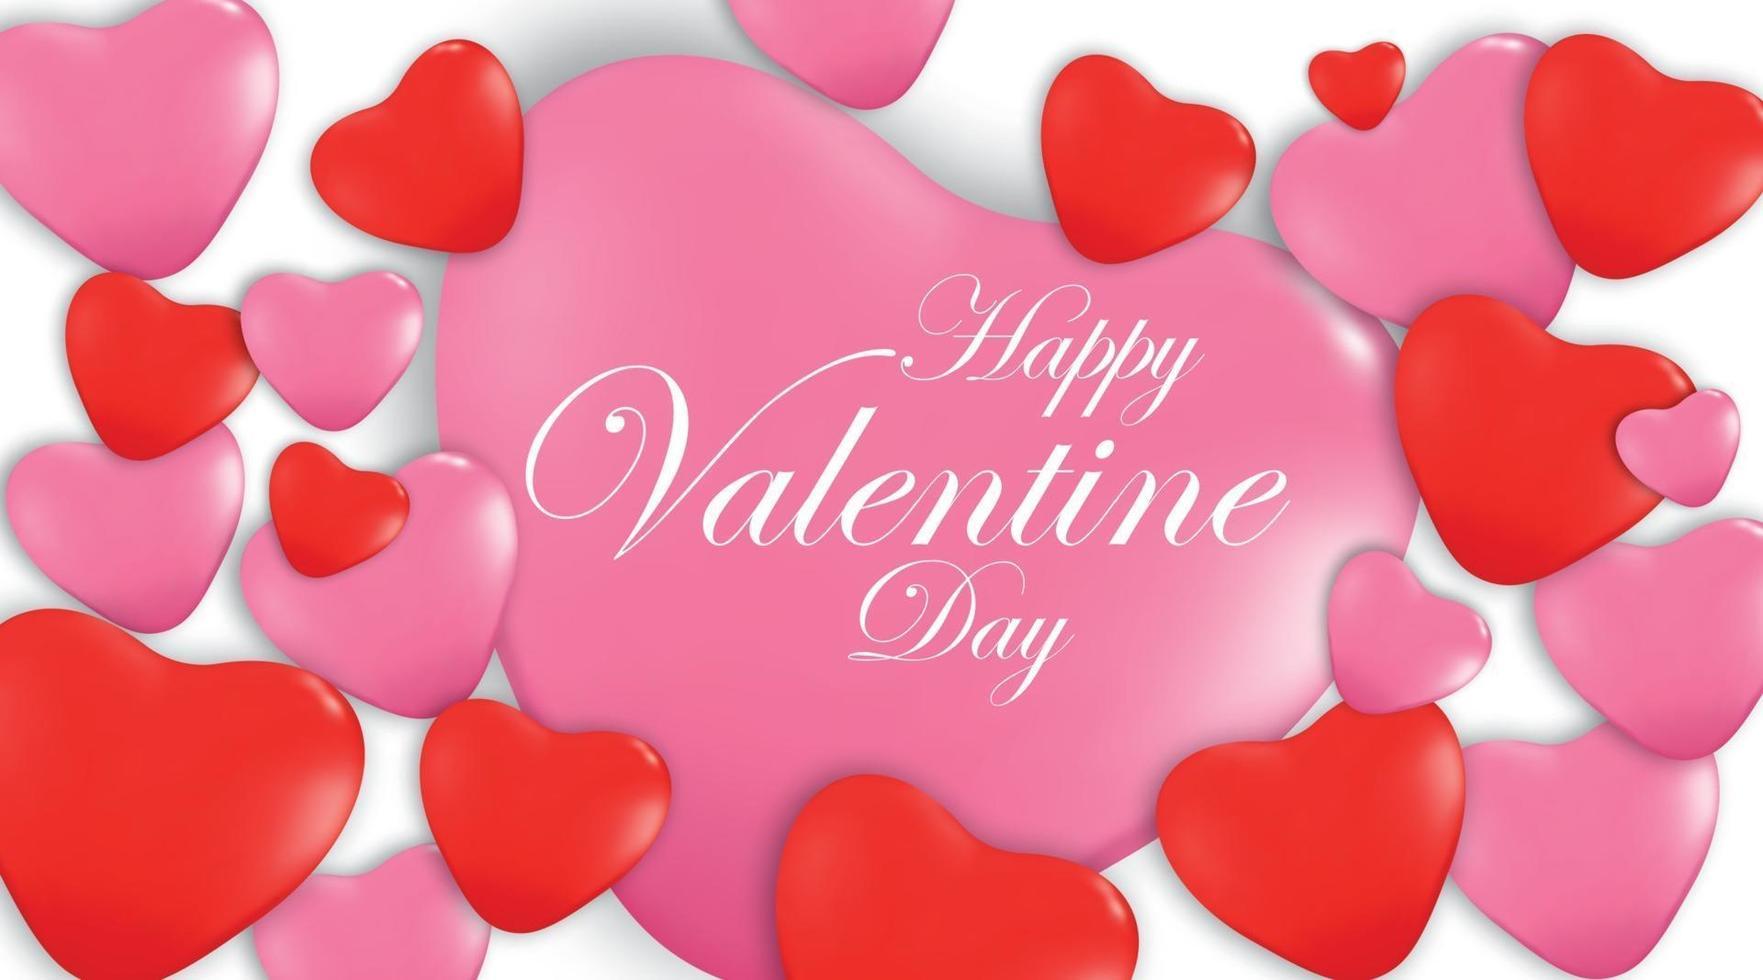 banner di congratulazioni felice giorno di San Valentino con forme di cuore 3d rosso e rosa - illustrazione vettoriale